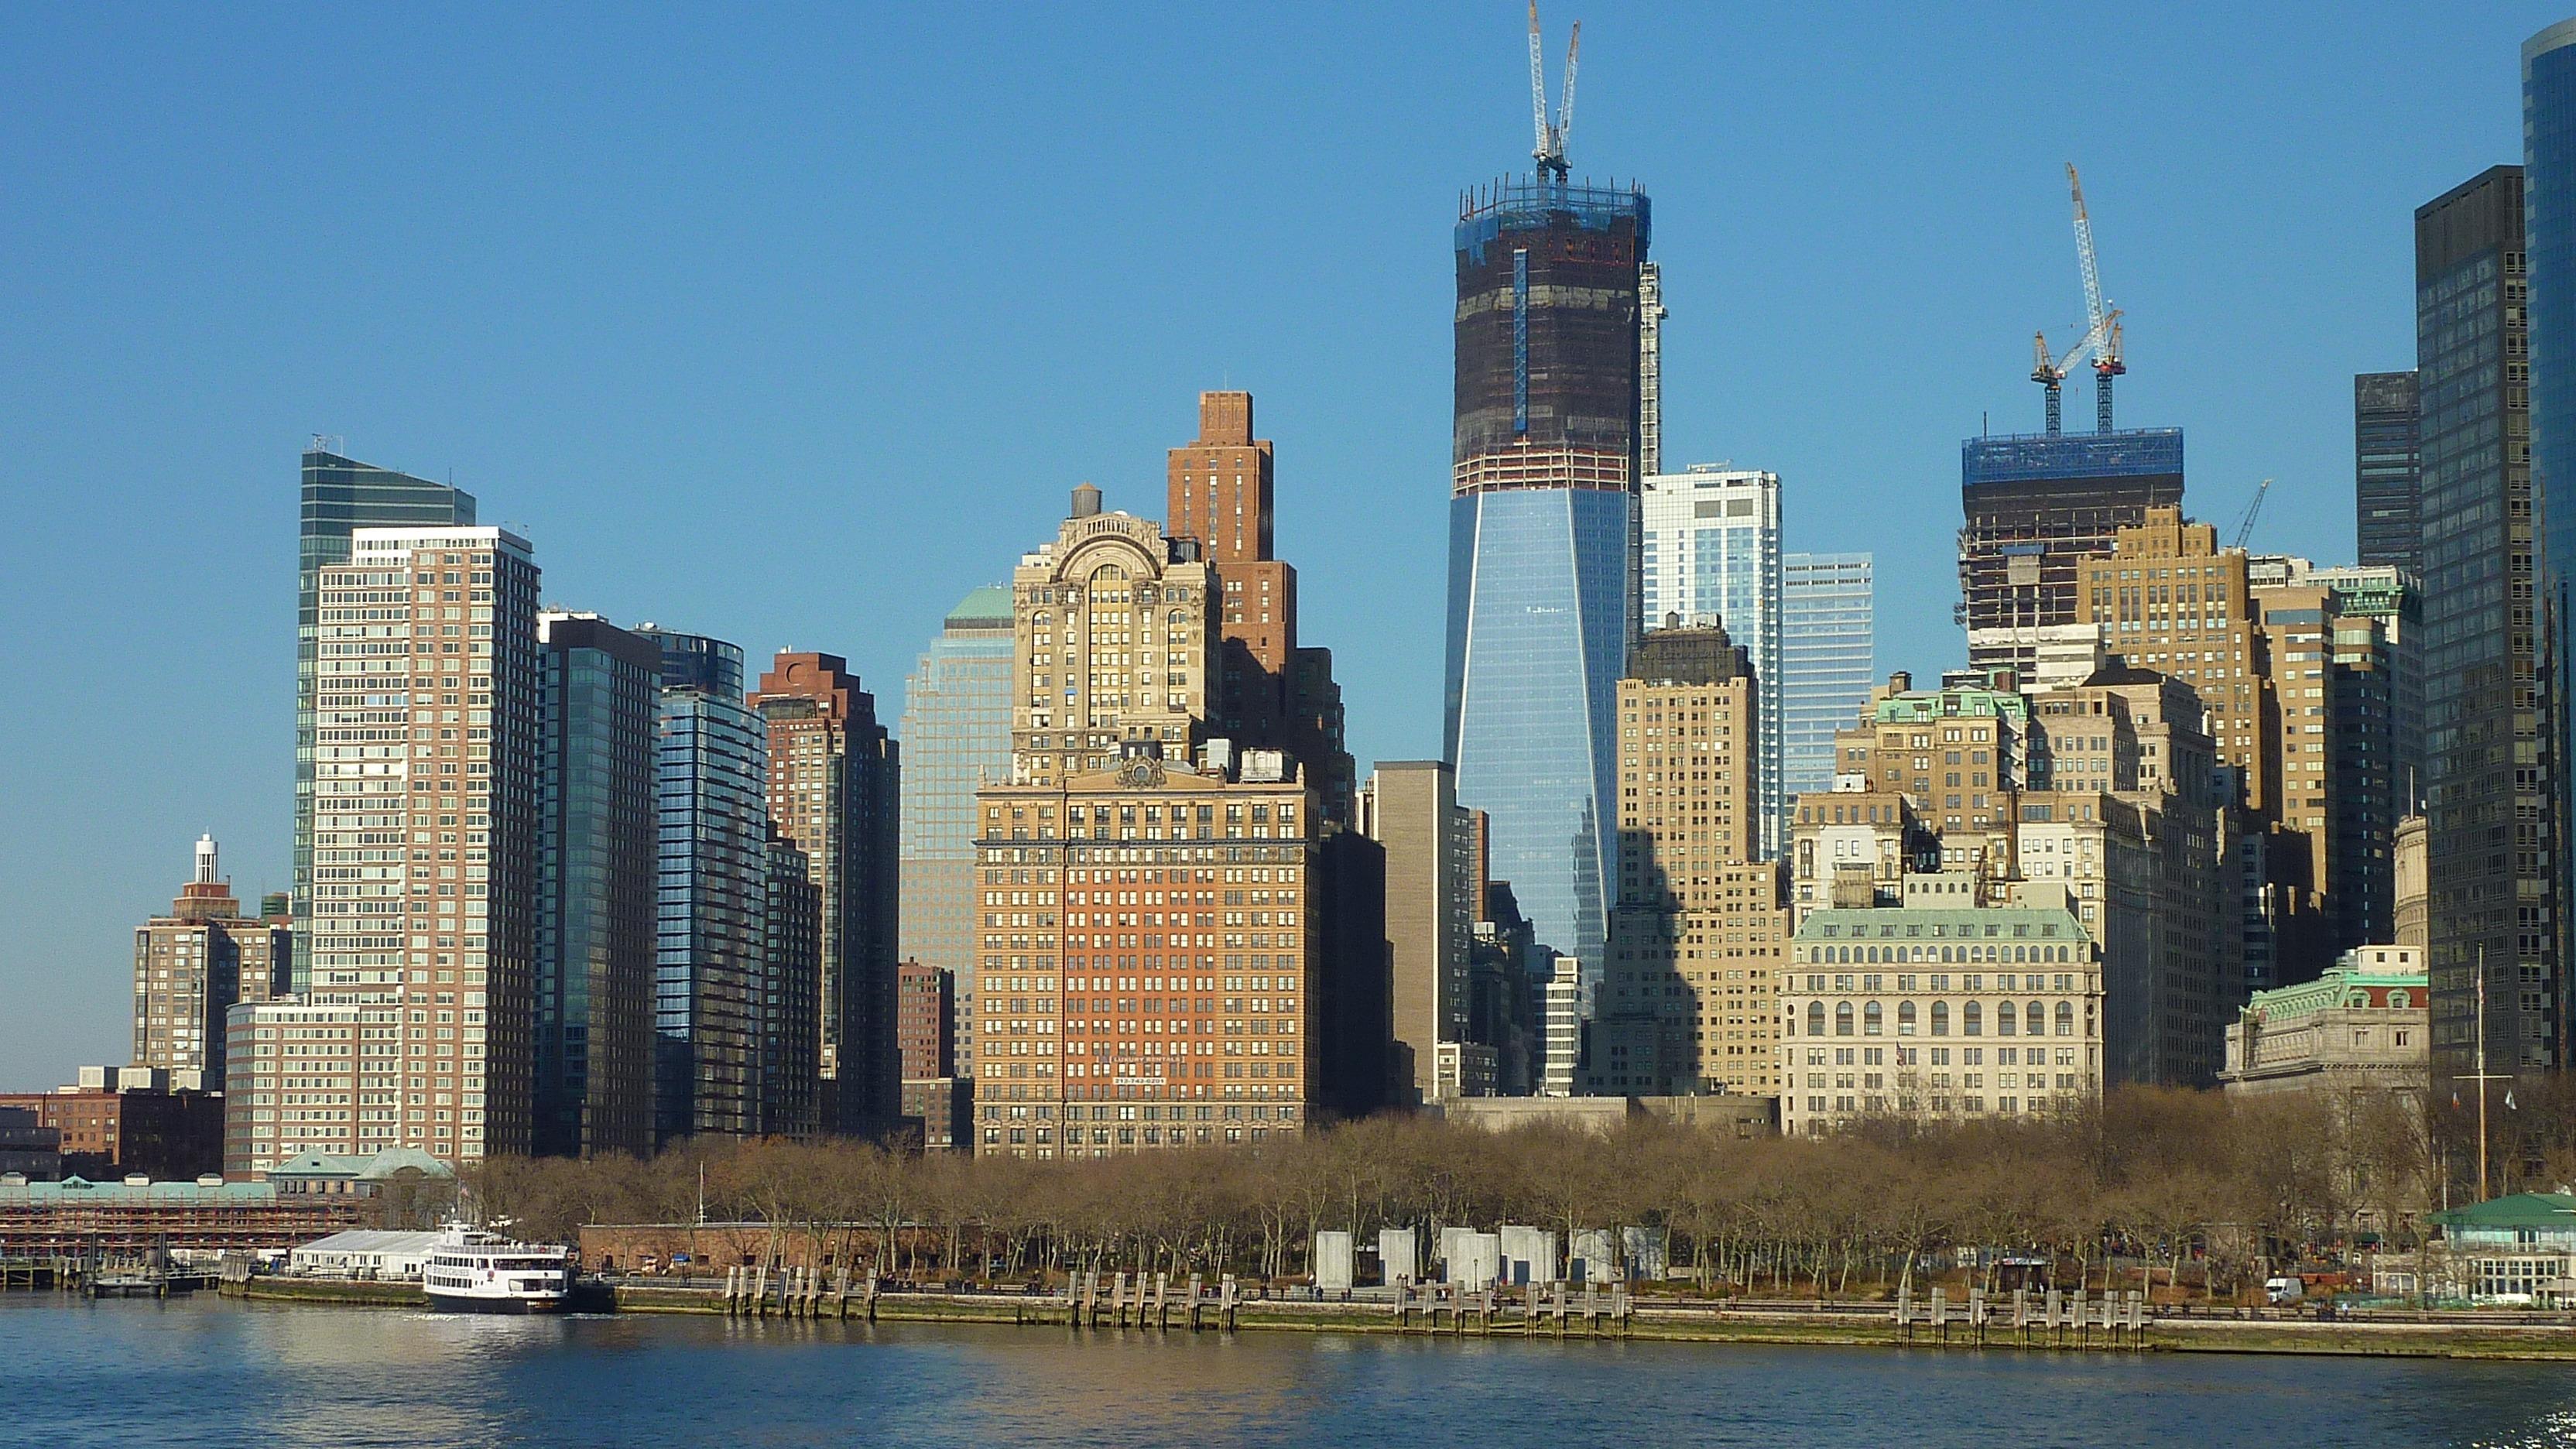 fotos gratis horizonte rascacielos nueva york manhattan nueva york paisaje urbano centro de la ciudad reflexin torre punto de referencia